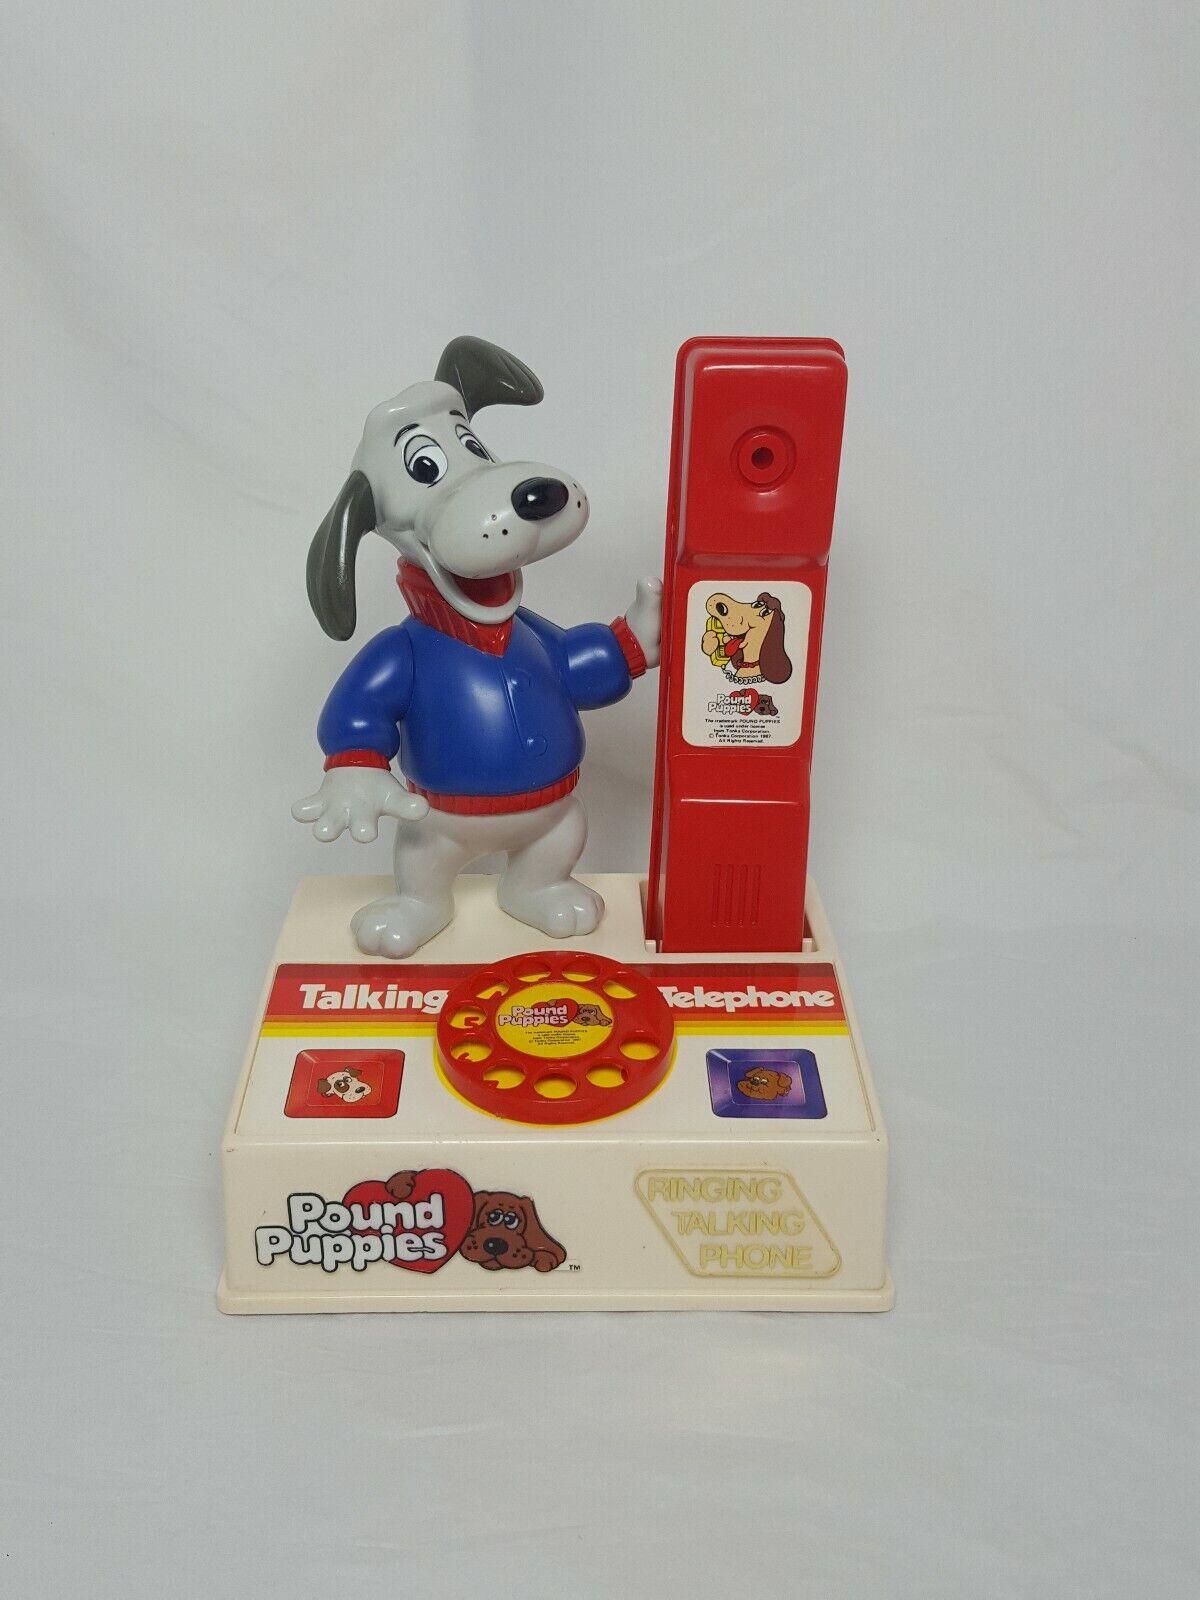 Vintage Vintage Vintage 1987 Pound Puppies Cachorro llamada hablando teléfono Tonka Retro  edición limitada